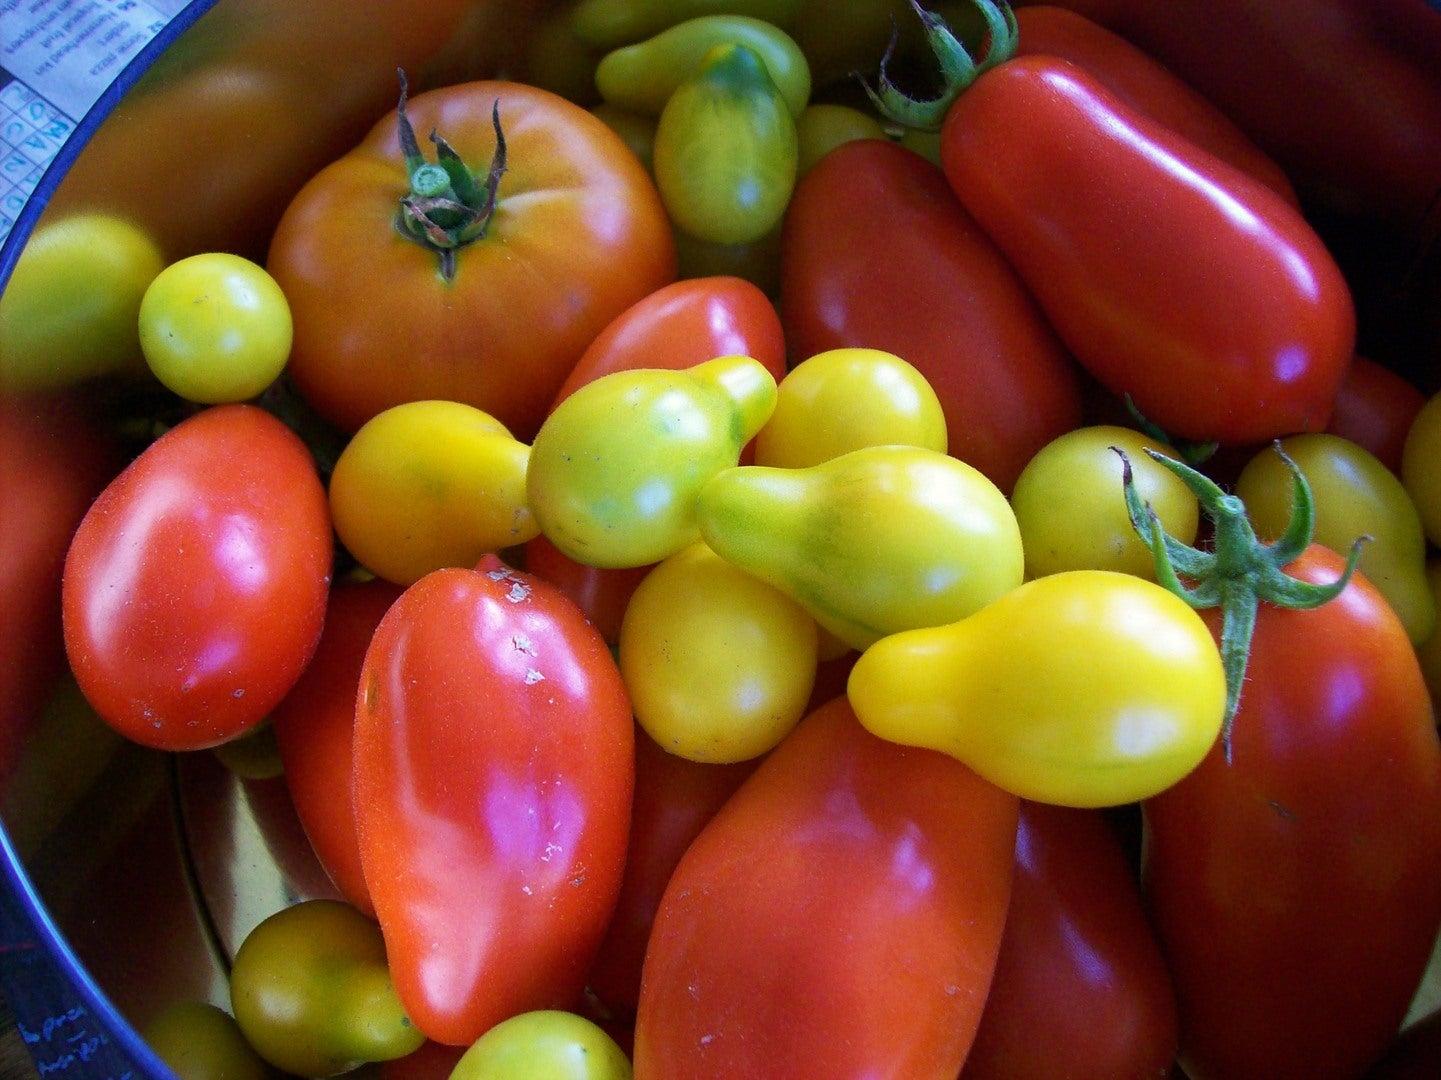 Purés de verduras, una comida sana y asequible para todo tipo de paladares